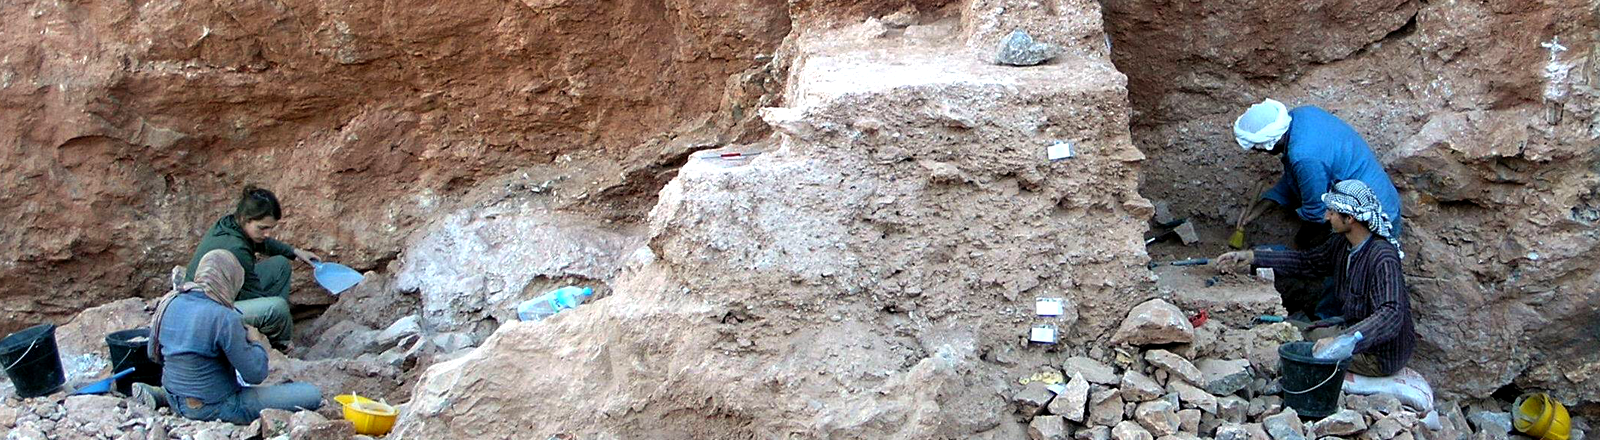 Die Fundstelle der Schädelknochen in Jebel Irhoud, Marokko